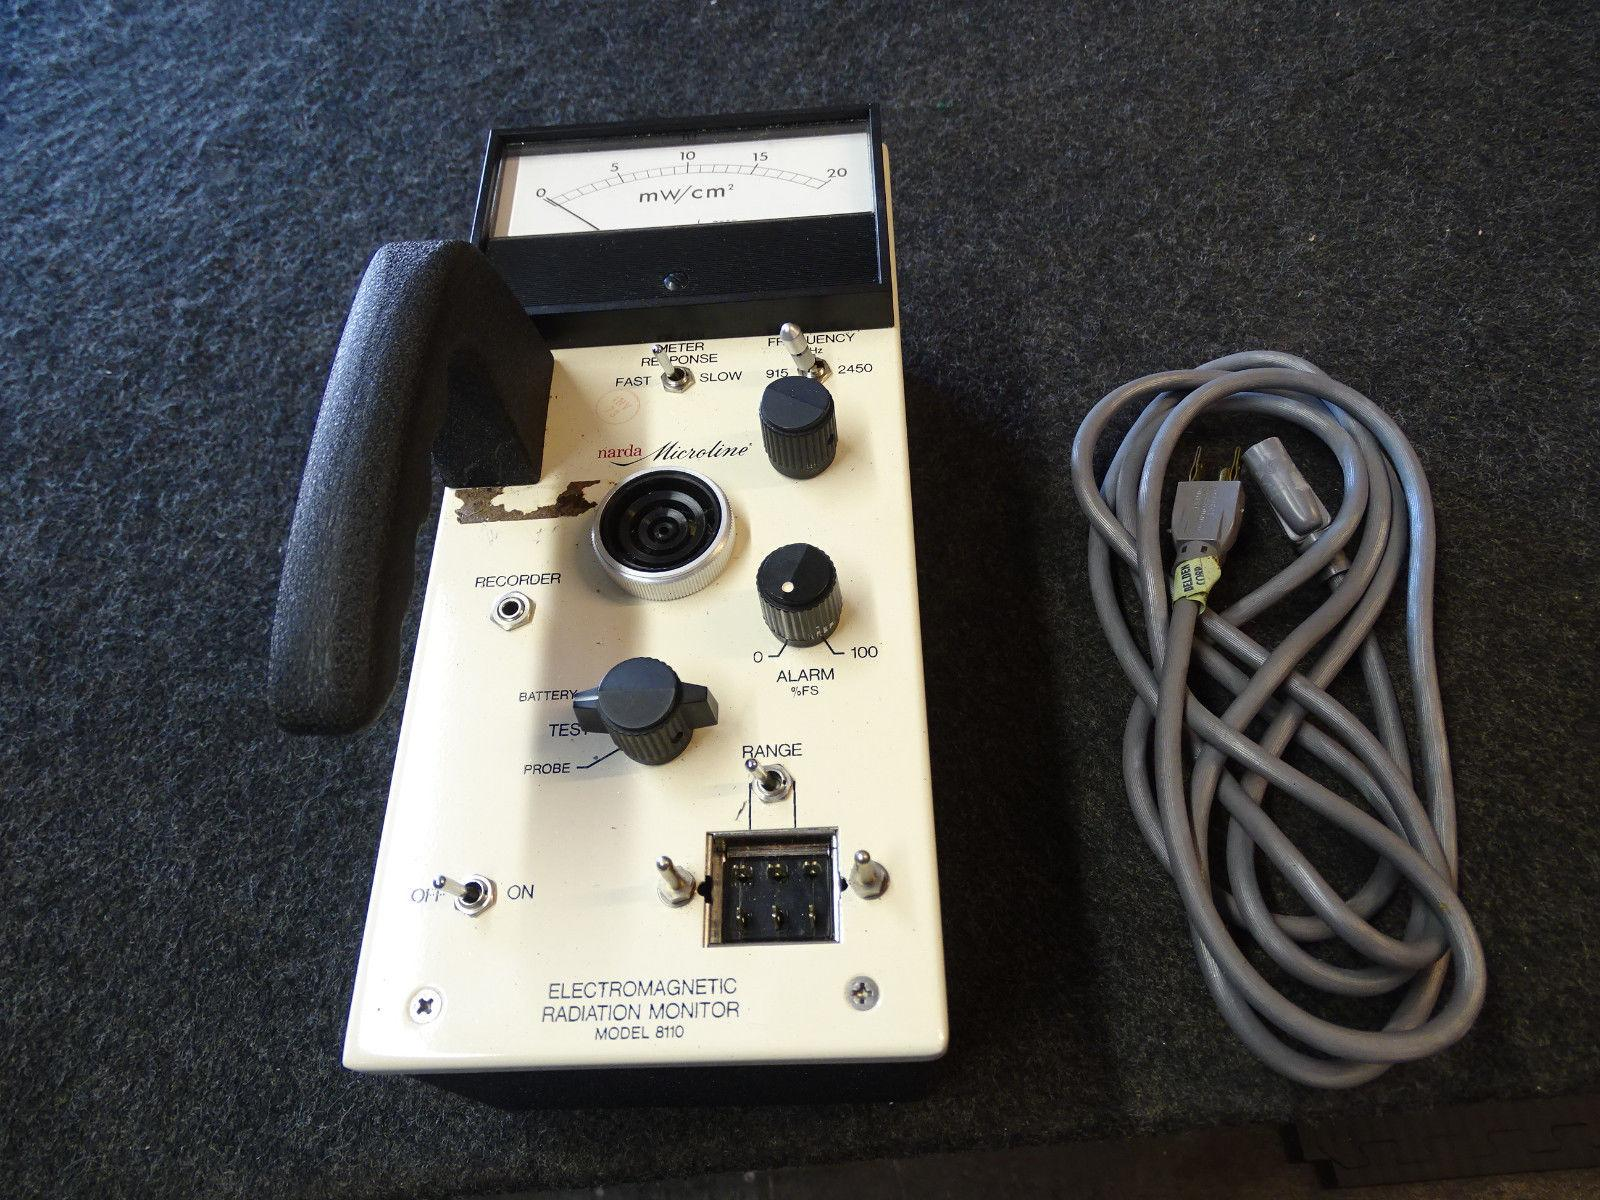 """Narda Microline 8100 Electromagnetic Radiation Meter """"Surveyor"""" w/ 3 Probes NICE"""